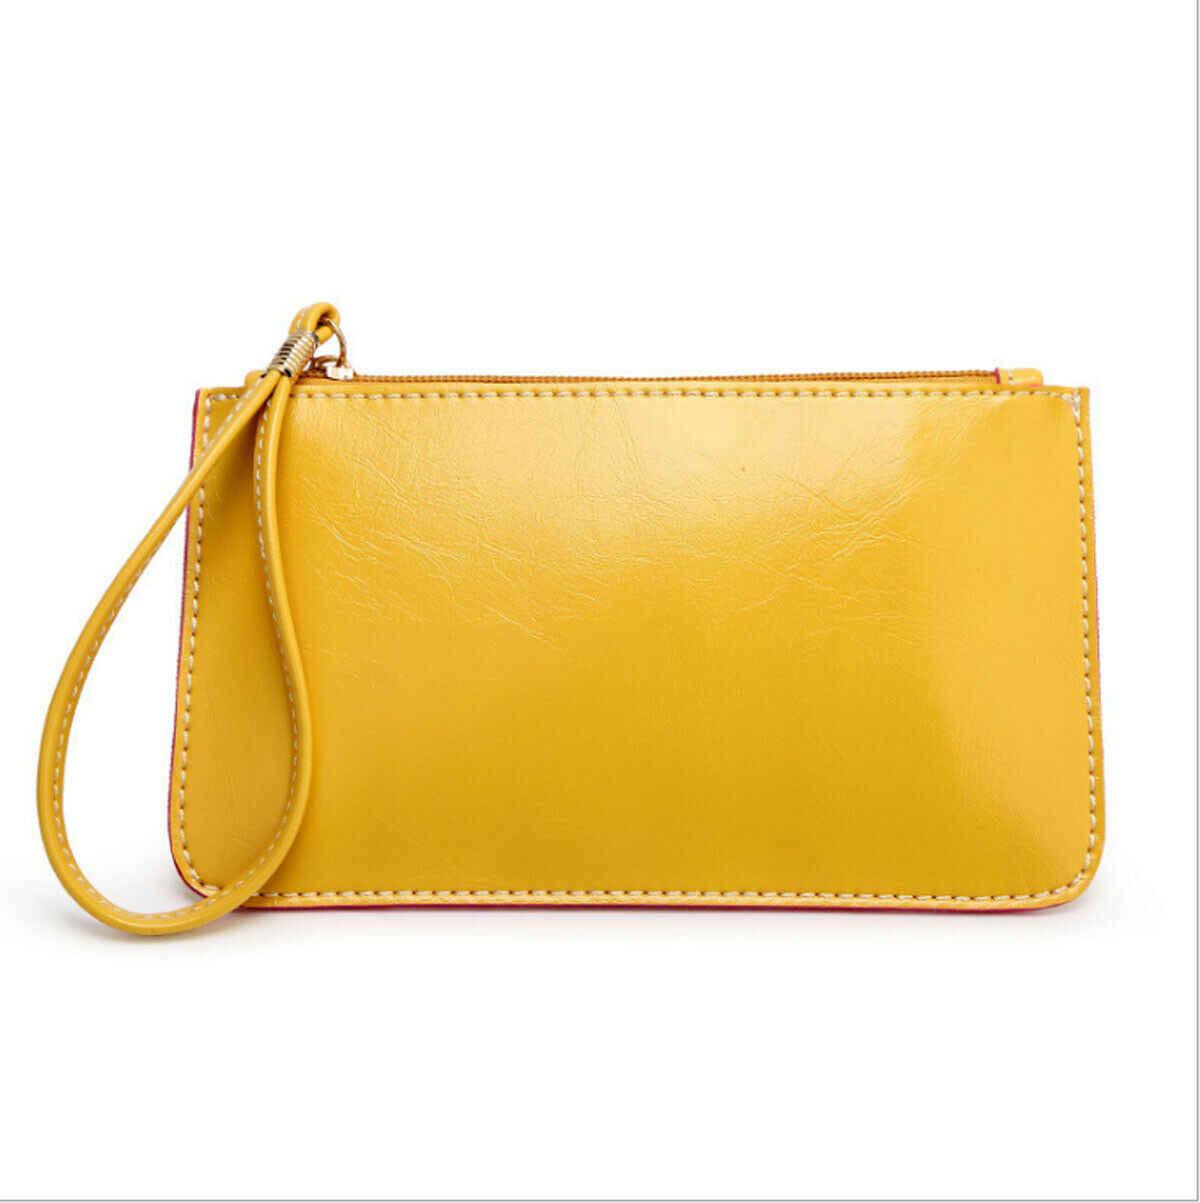 Novas Mulheres Saco Bonito Saco de Embreagem Carteira de Couro Longo Titular do Cartão Saco Do Telefone Caso Bolsa Bolsas de Senhora Saco de Moeda